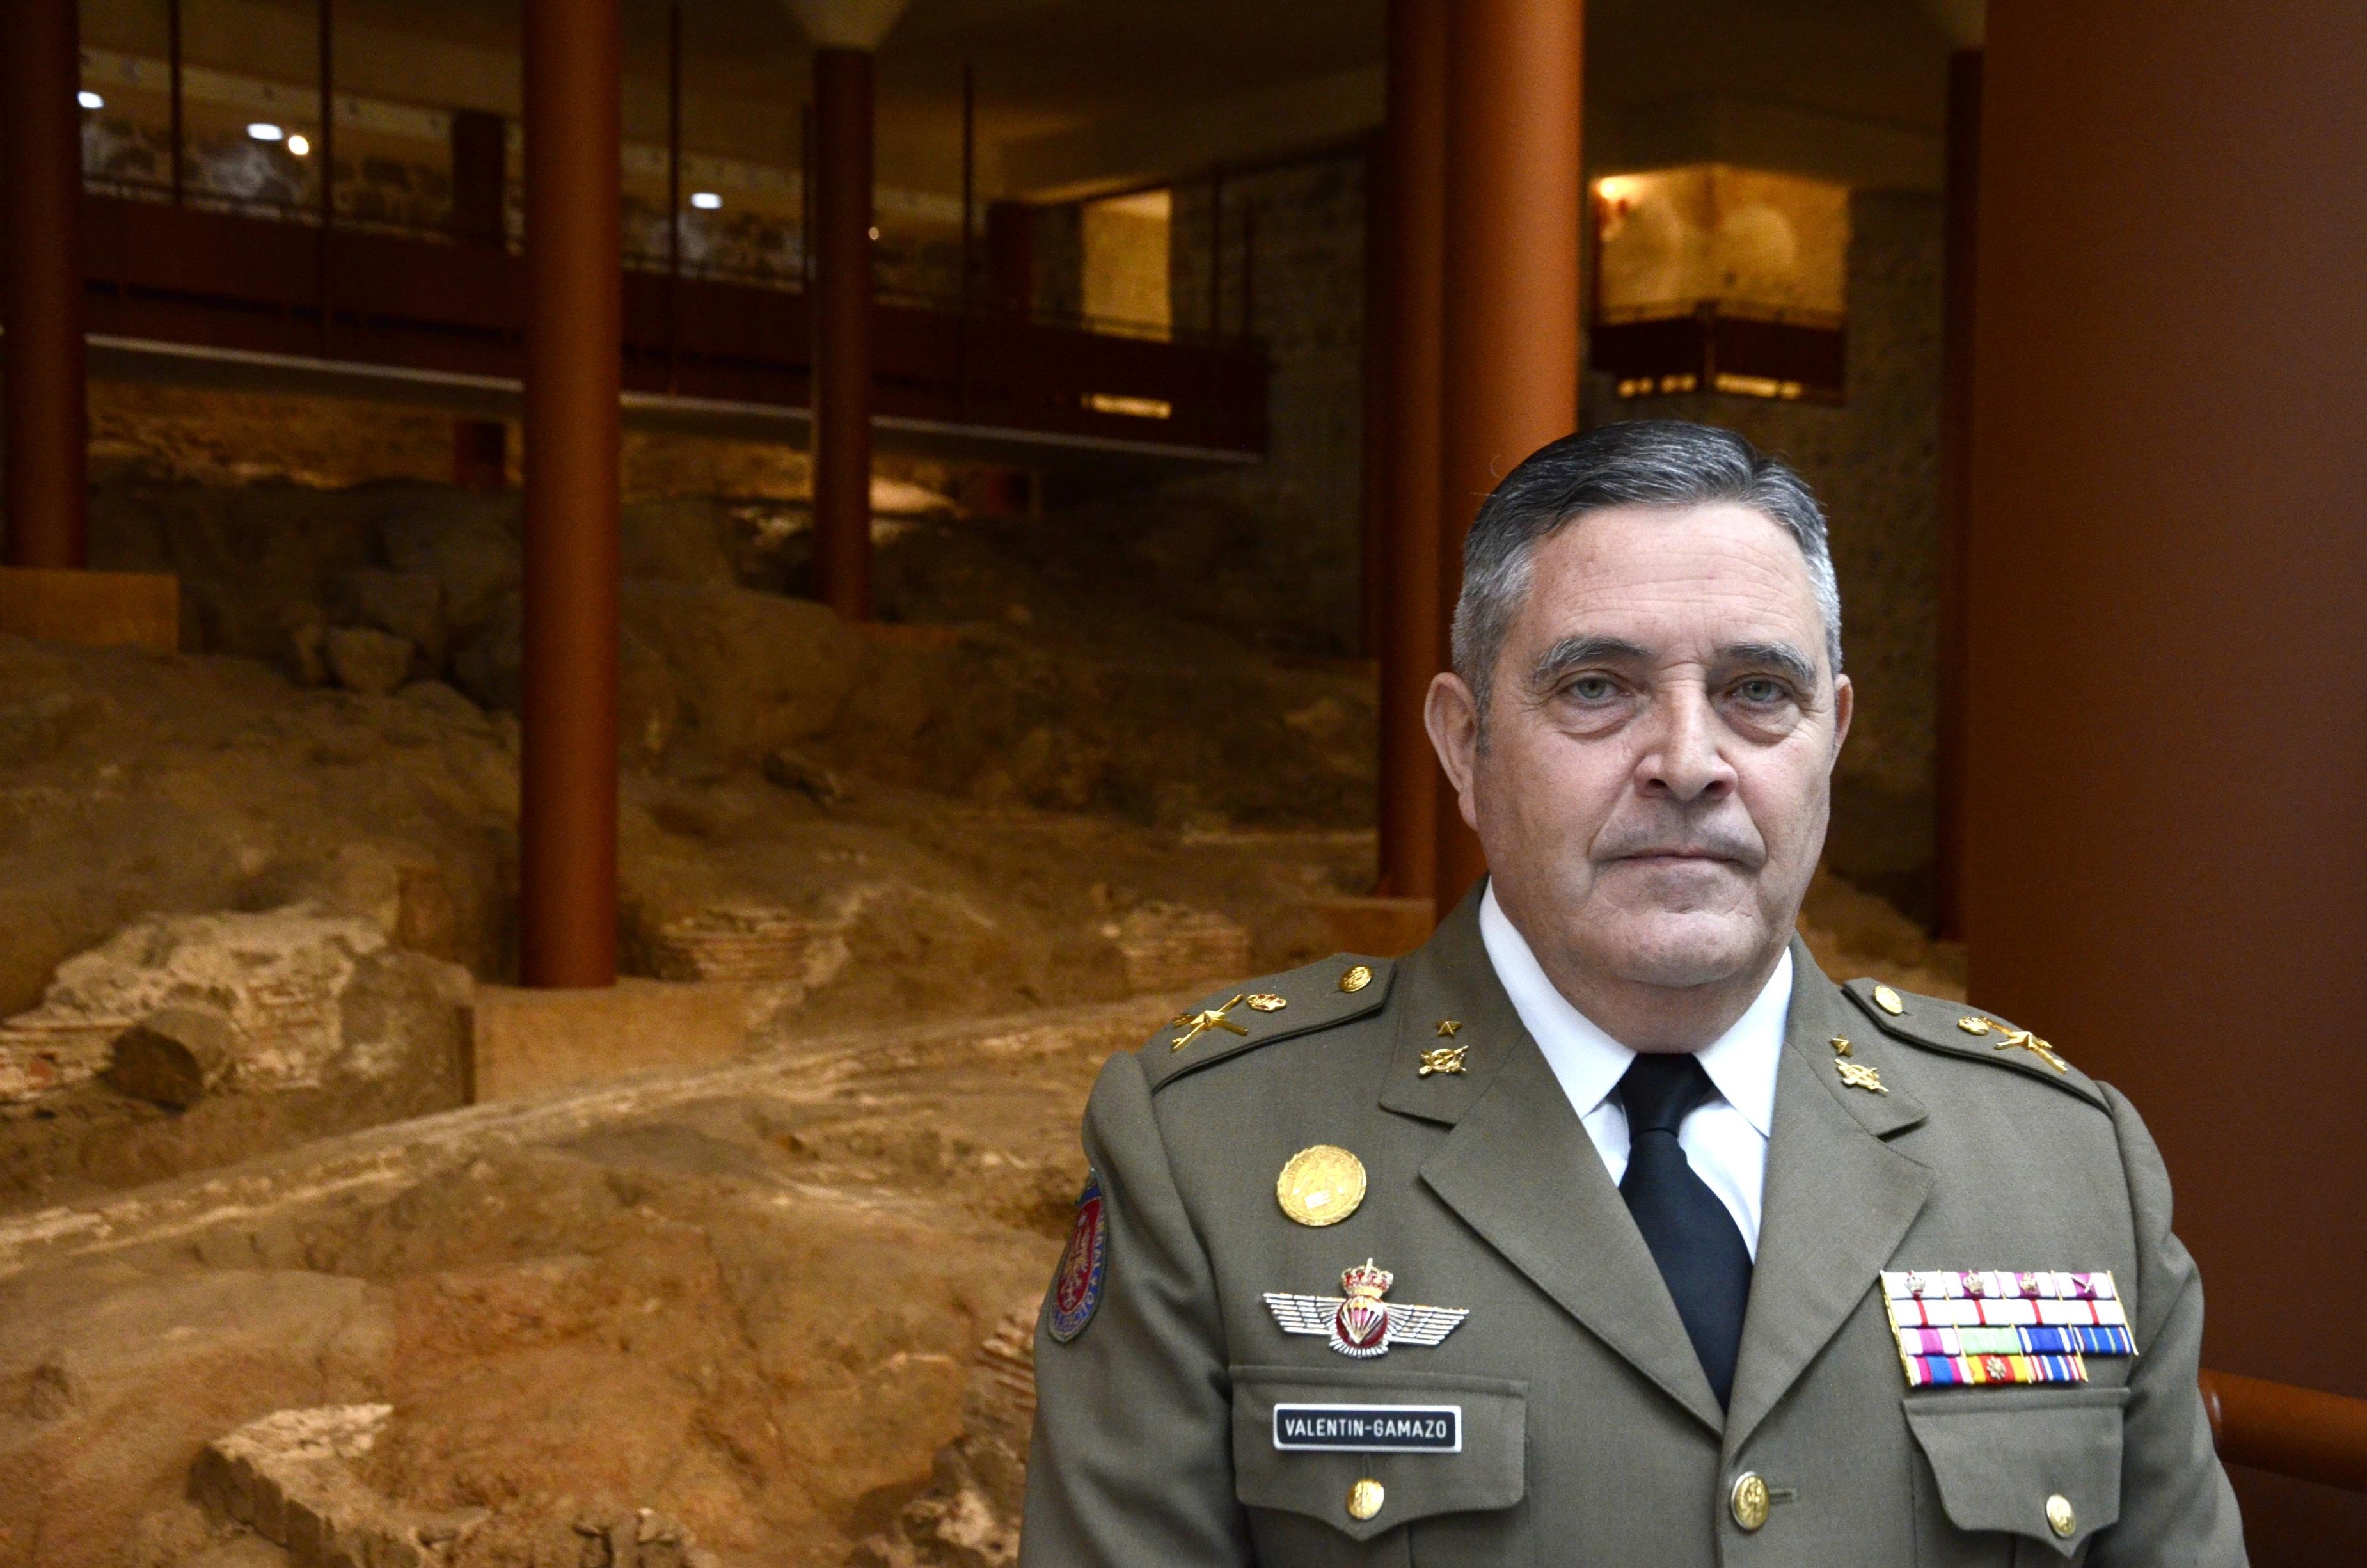 El nuevo director del Museo del Ejército de Toledo apuesta por mejorar la colección y darle proyección internacional